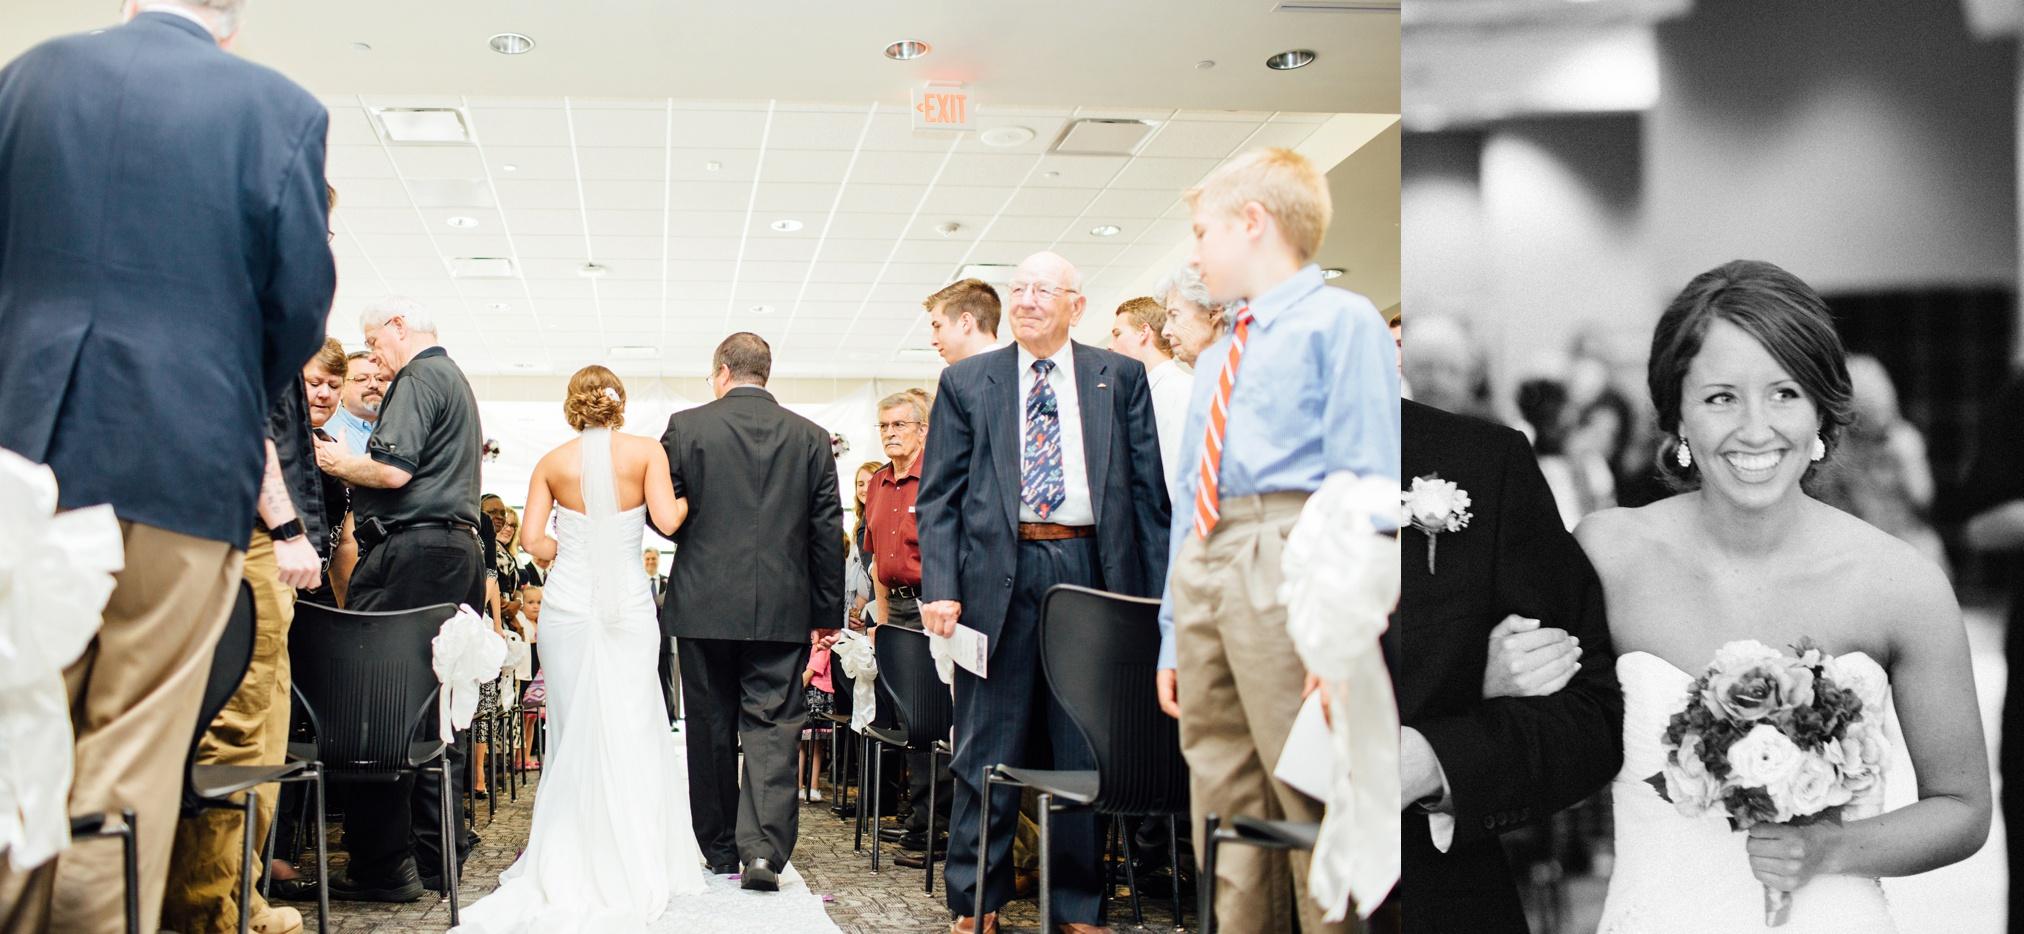 Vanderhart_Wedding-271